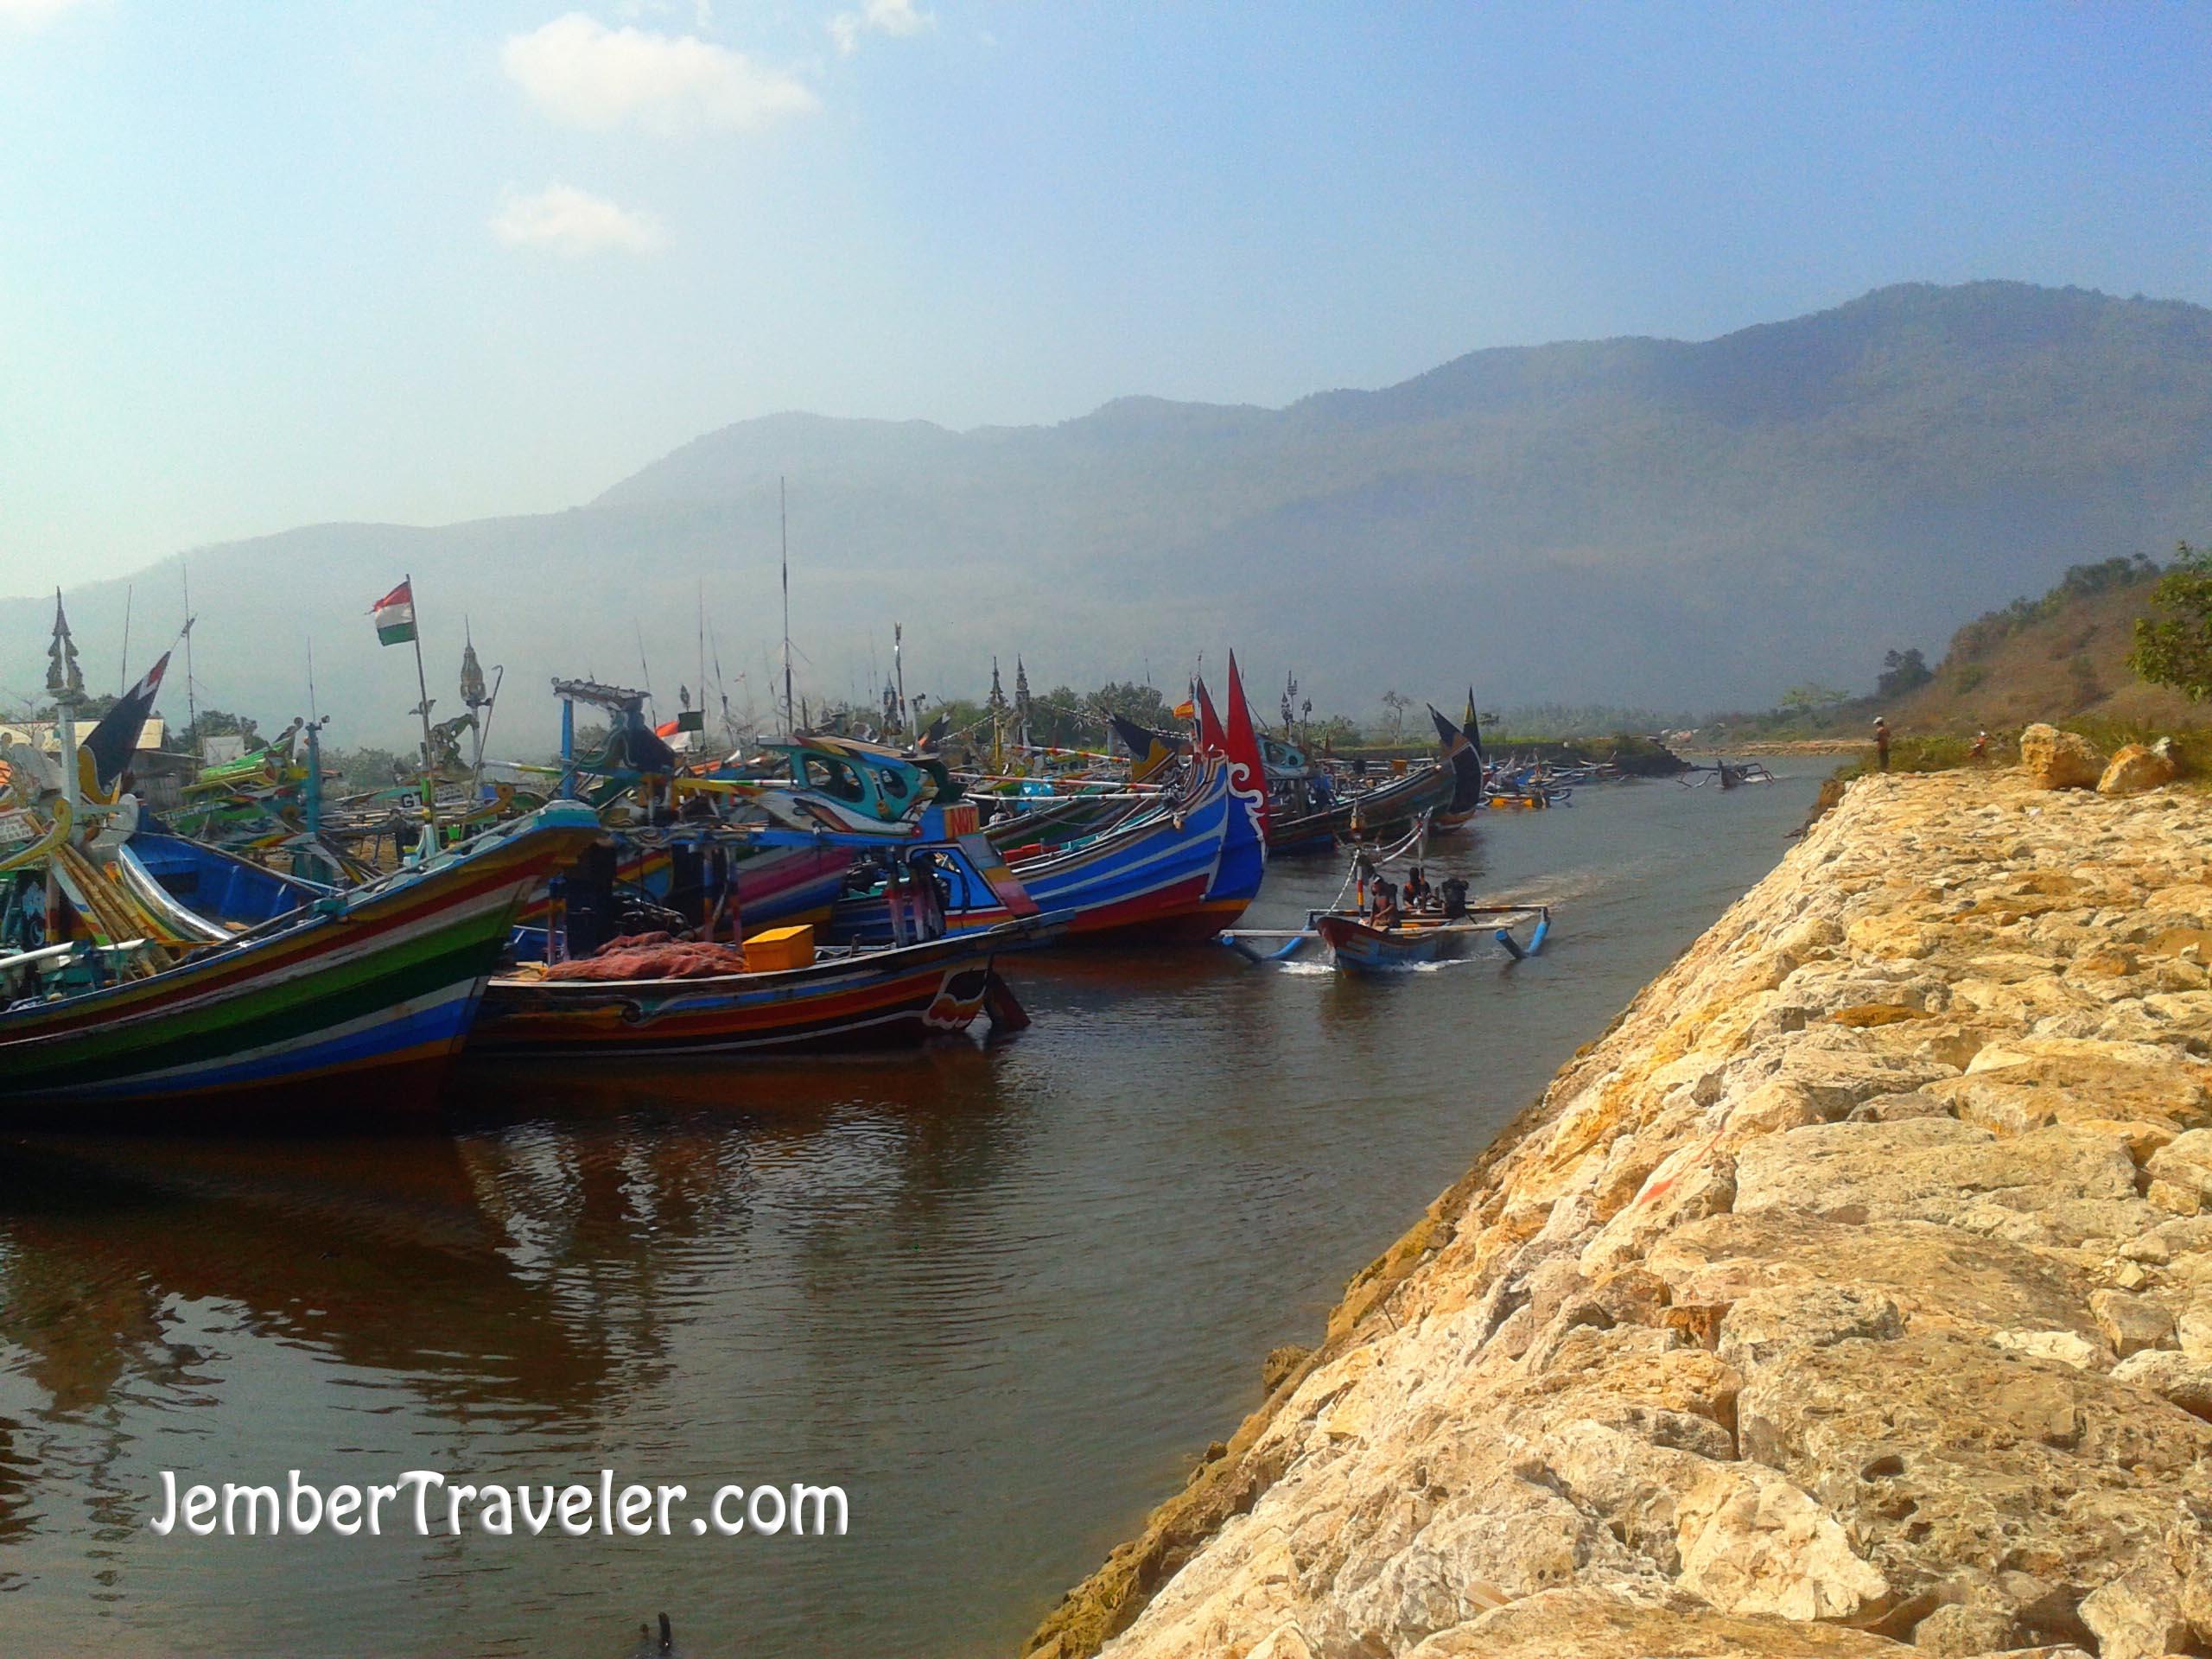 Pantai Pancer Jember Wisata Pemecah Ombak Traveler Nelayan Puger Kab